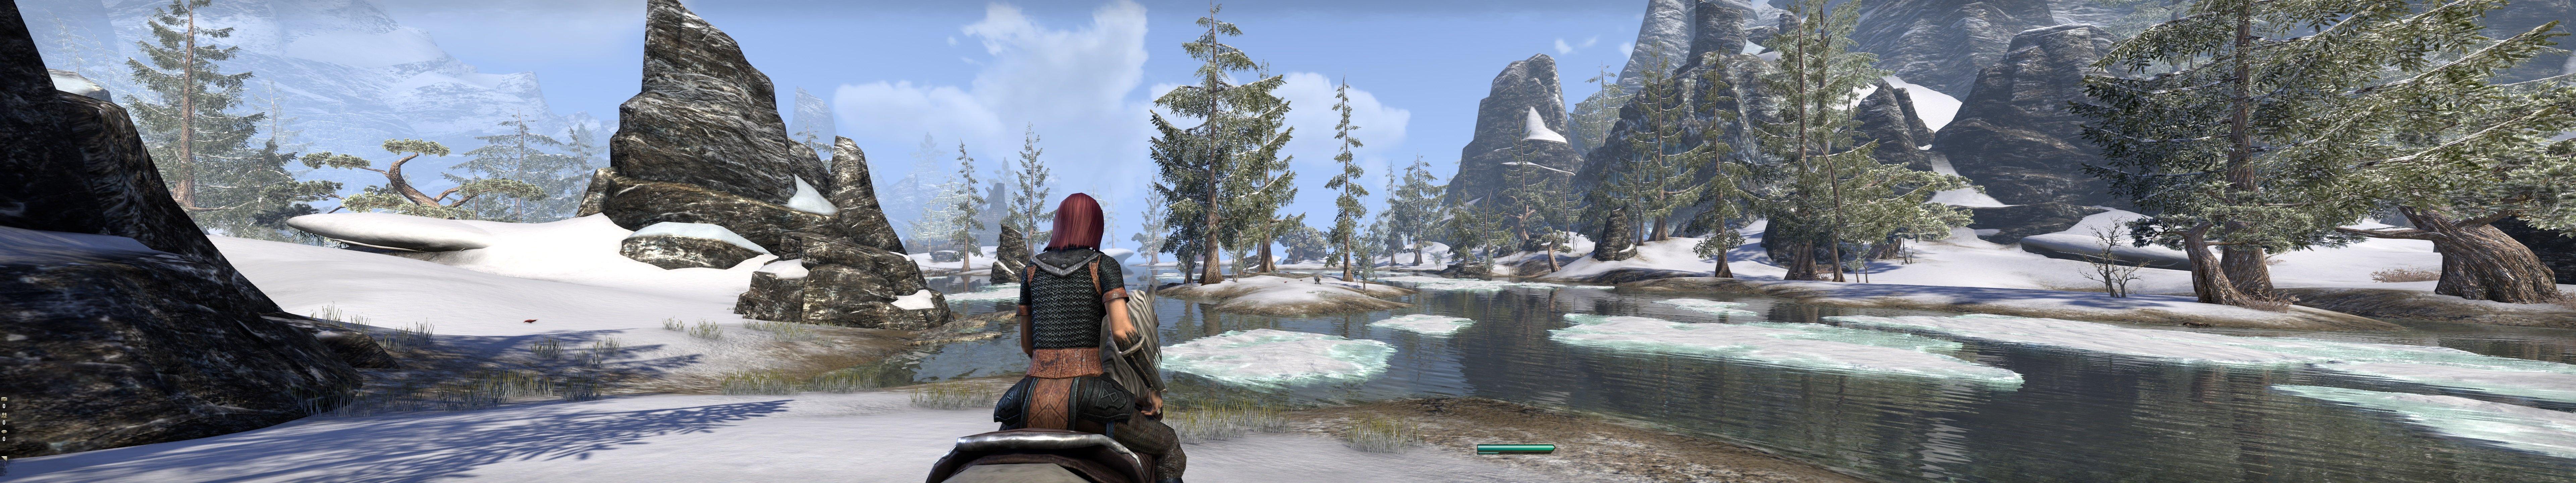 Пачка скриншотов из The Elder Scrolls Online на максимальных настройках в разрешении 7680x1440 - Изображение 4